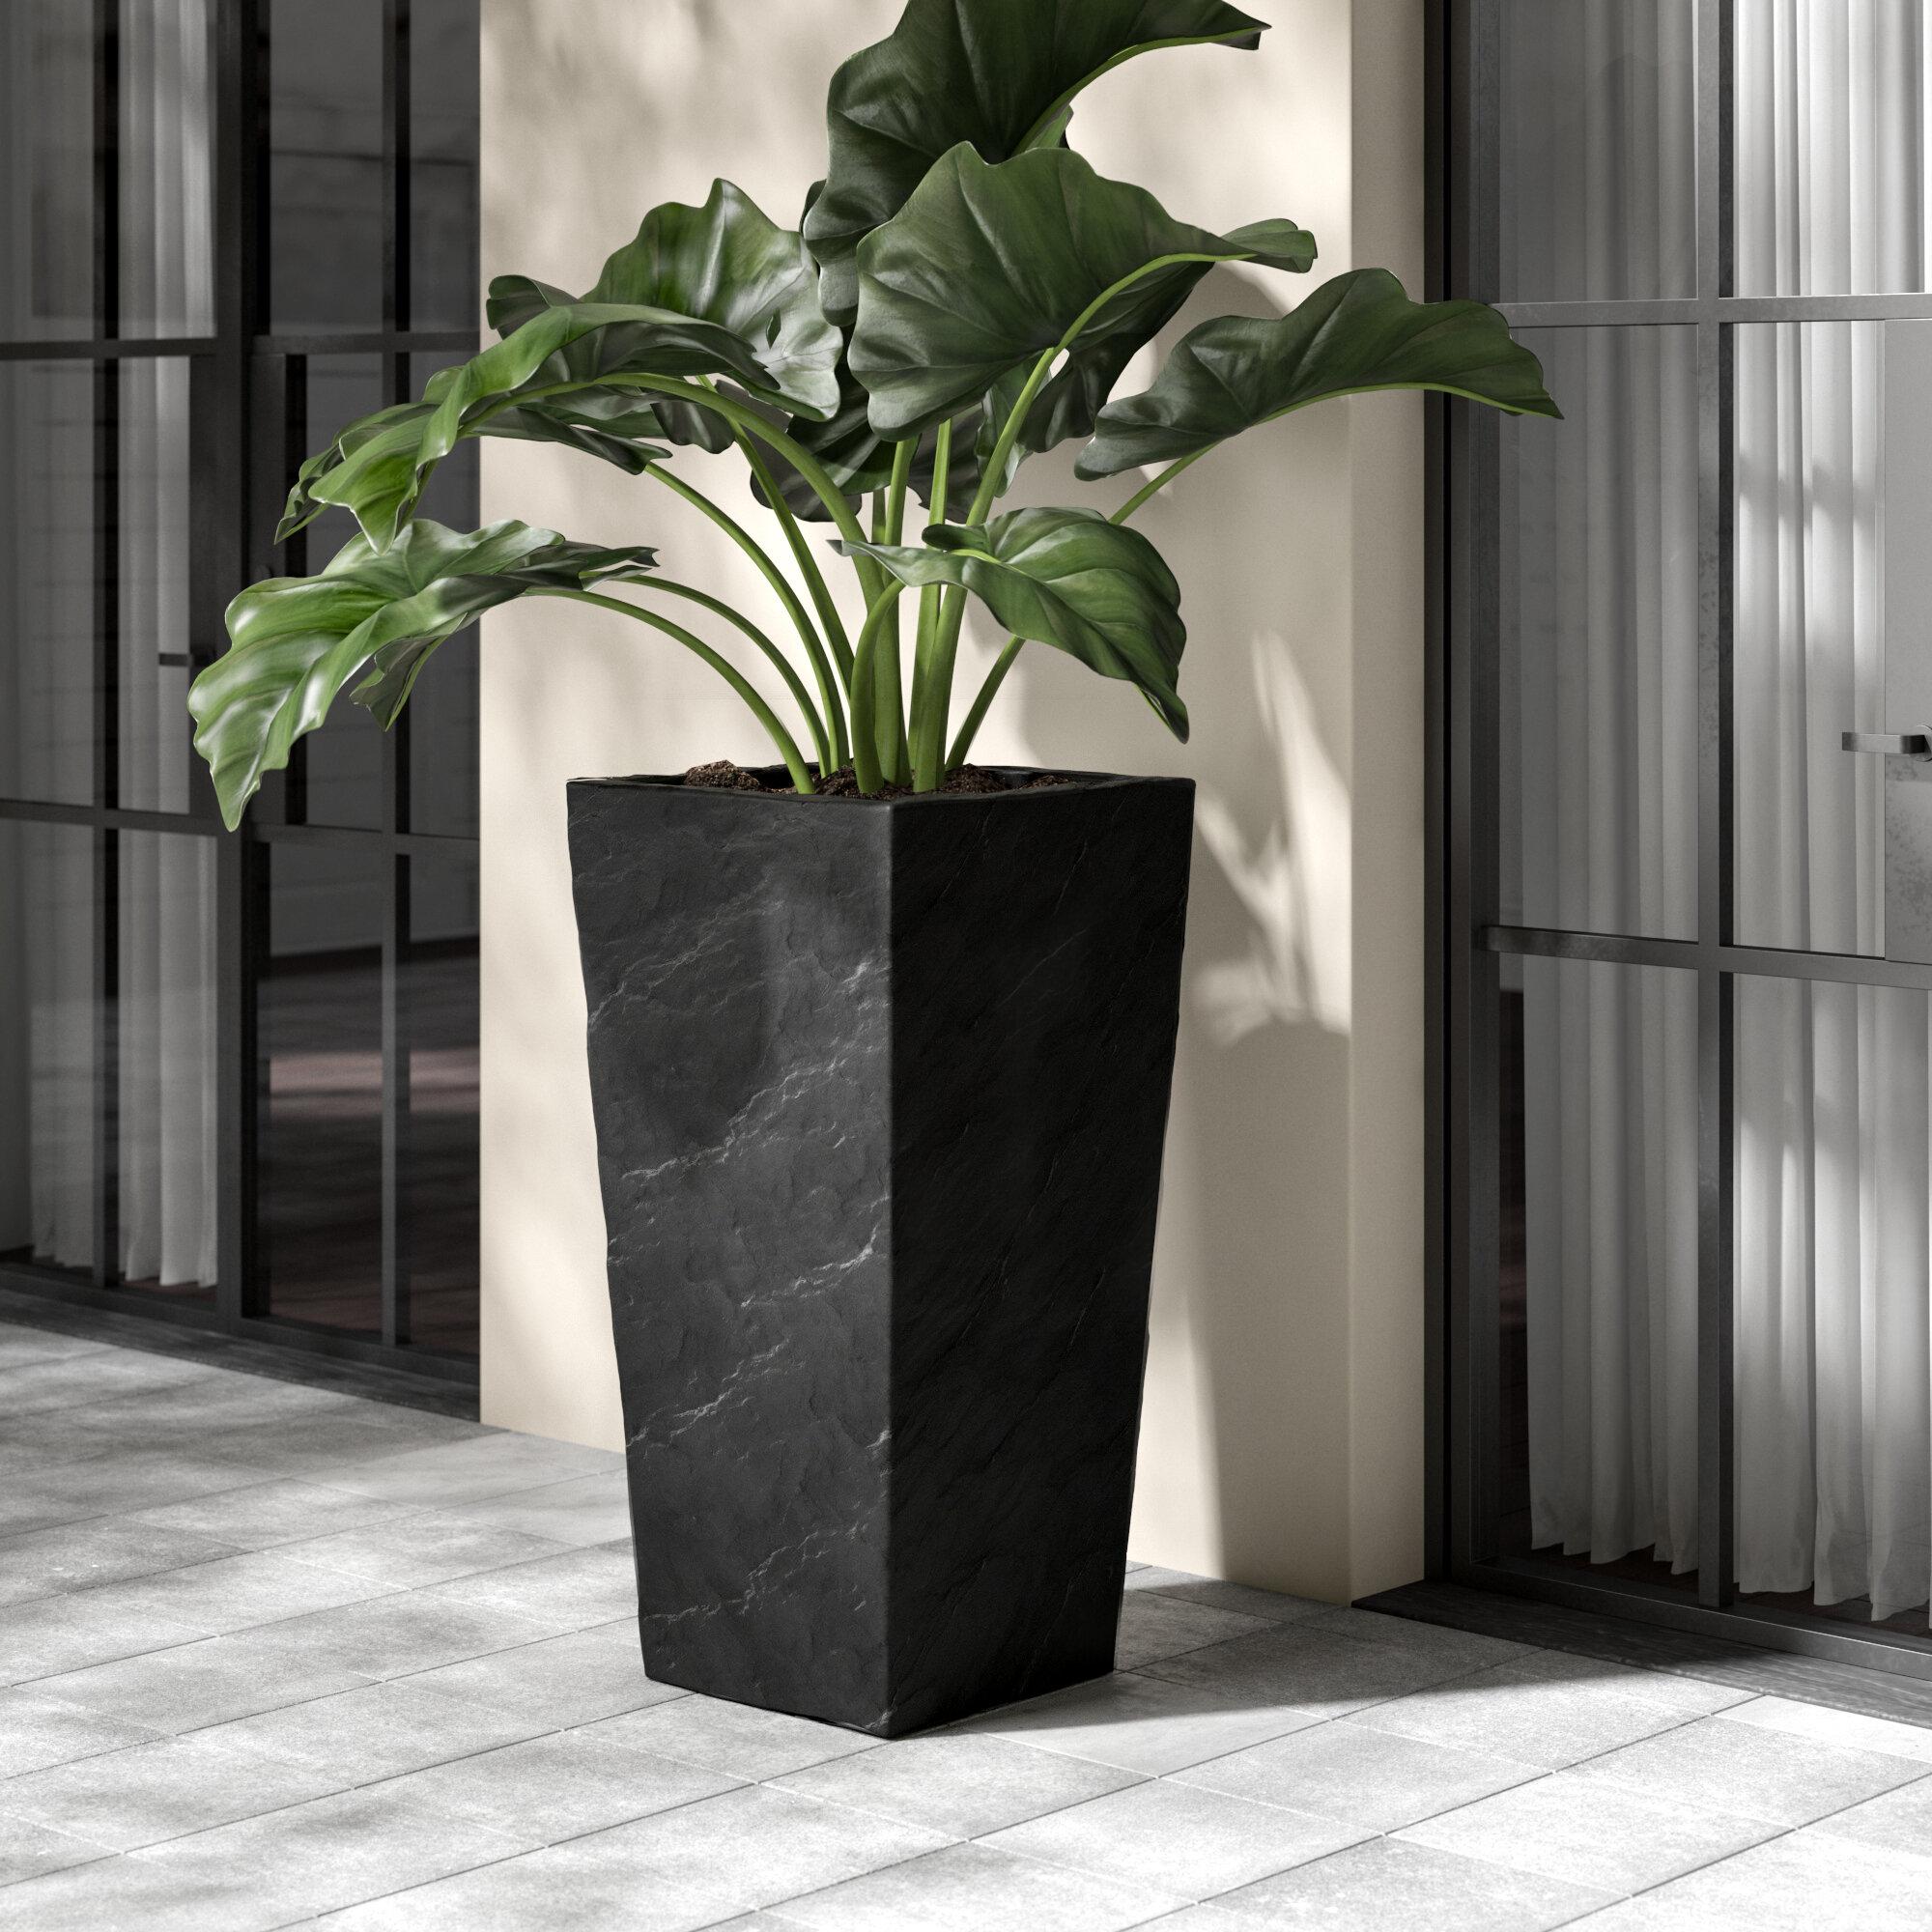 Kasamodern Modern Square Slate Concrete Pot Planter & Reviews | Wayfair